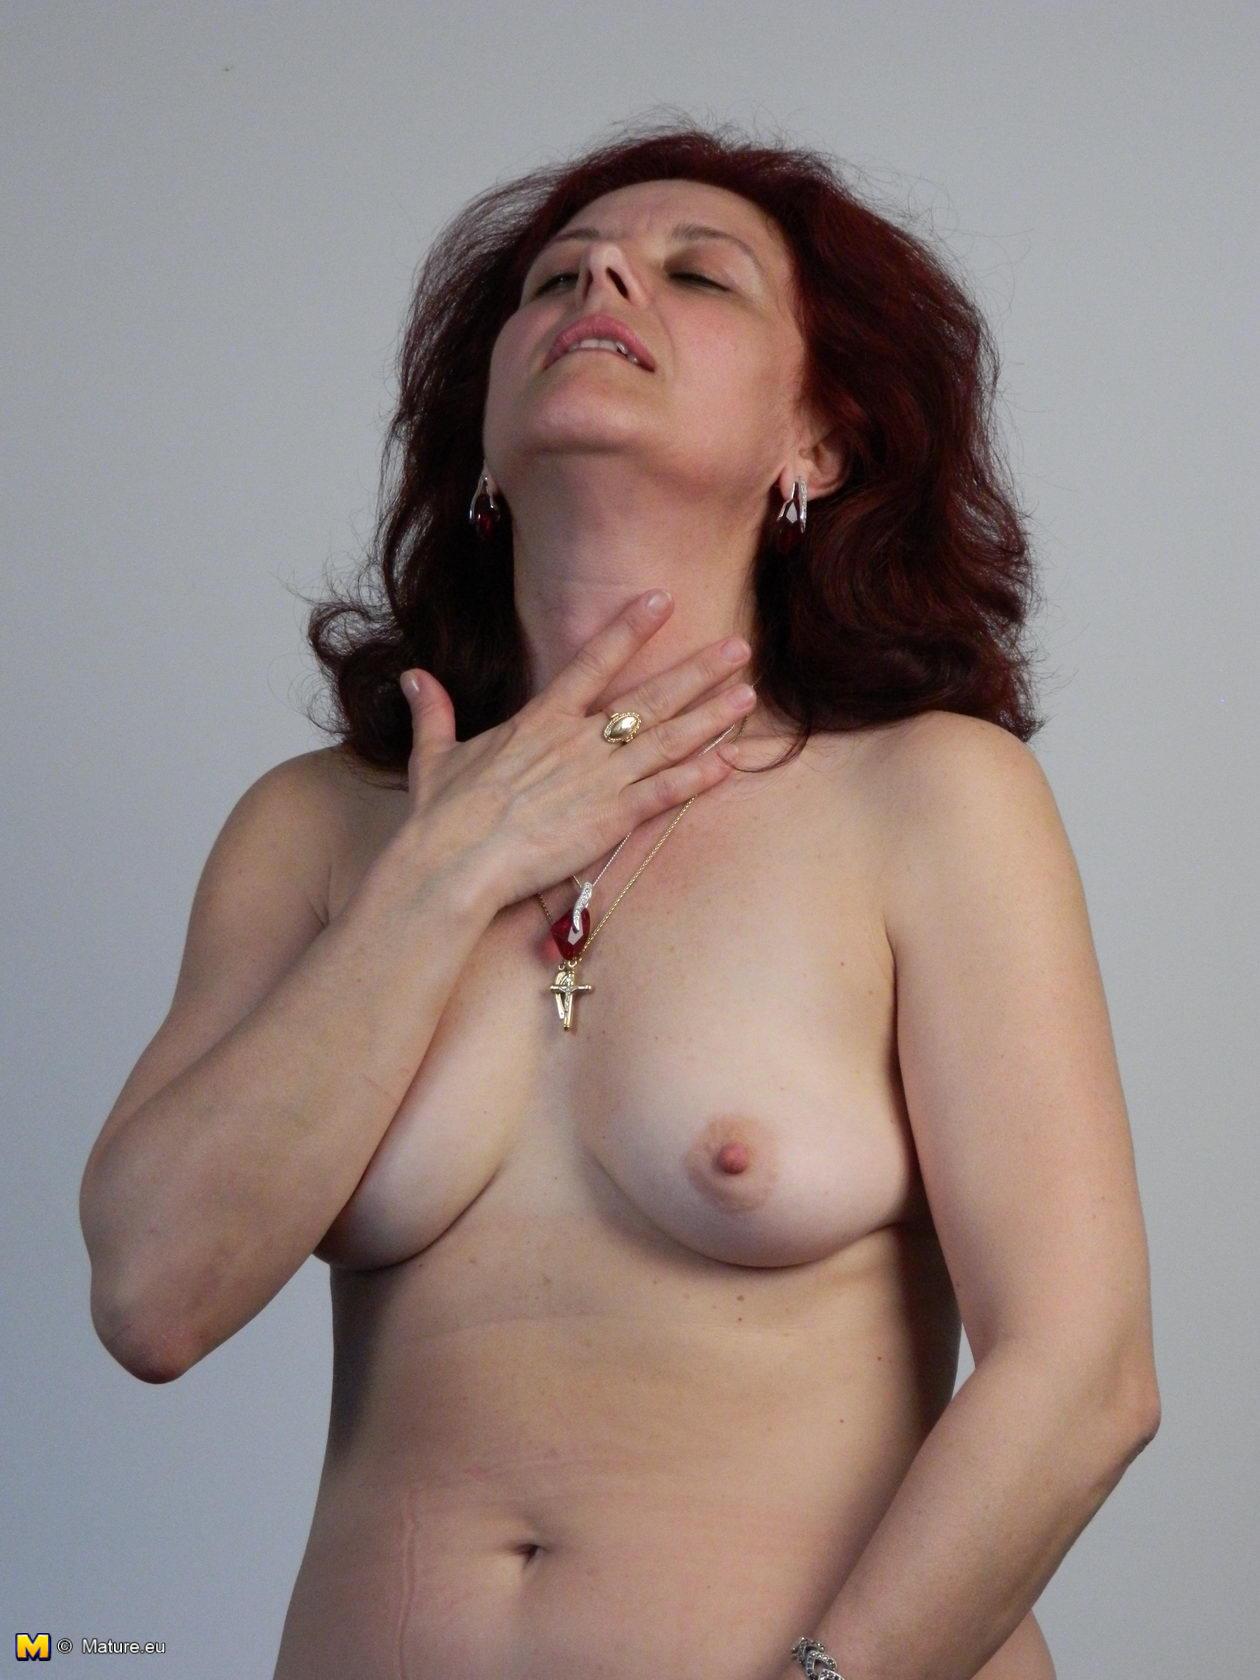 aletta hd wall top nude